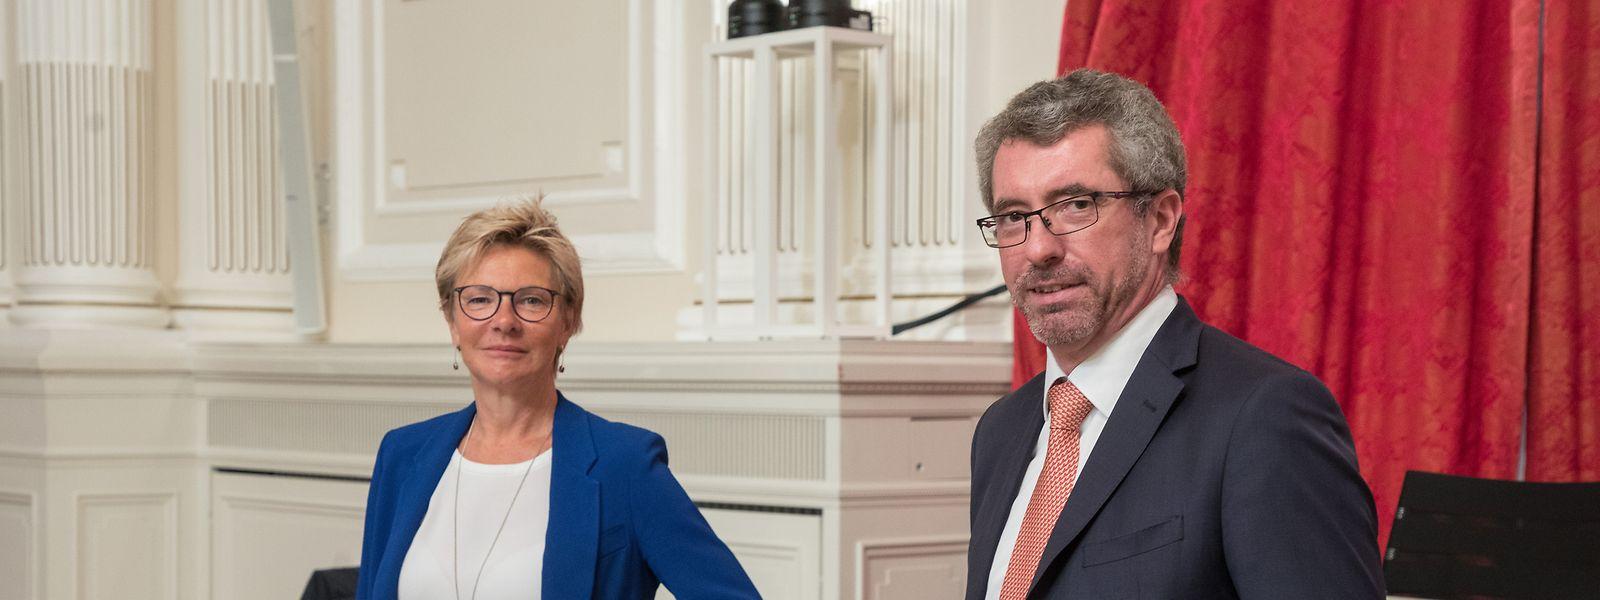 Fraktionschefin Martine Hansen mit dem ehemaligen Parteichef Frank Engel. Seit einer Weile herrscht Funkstille.